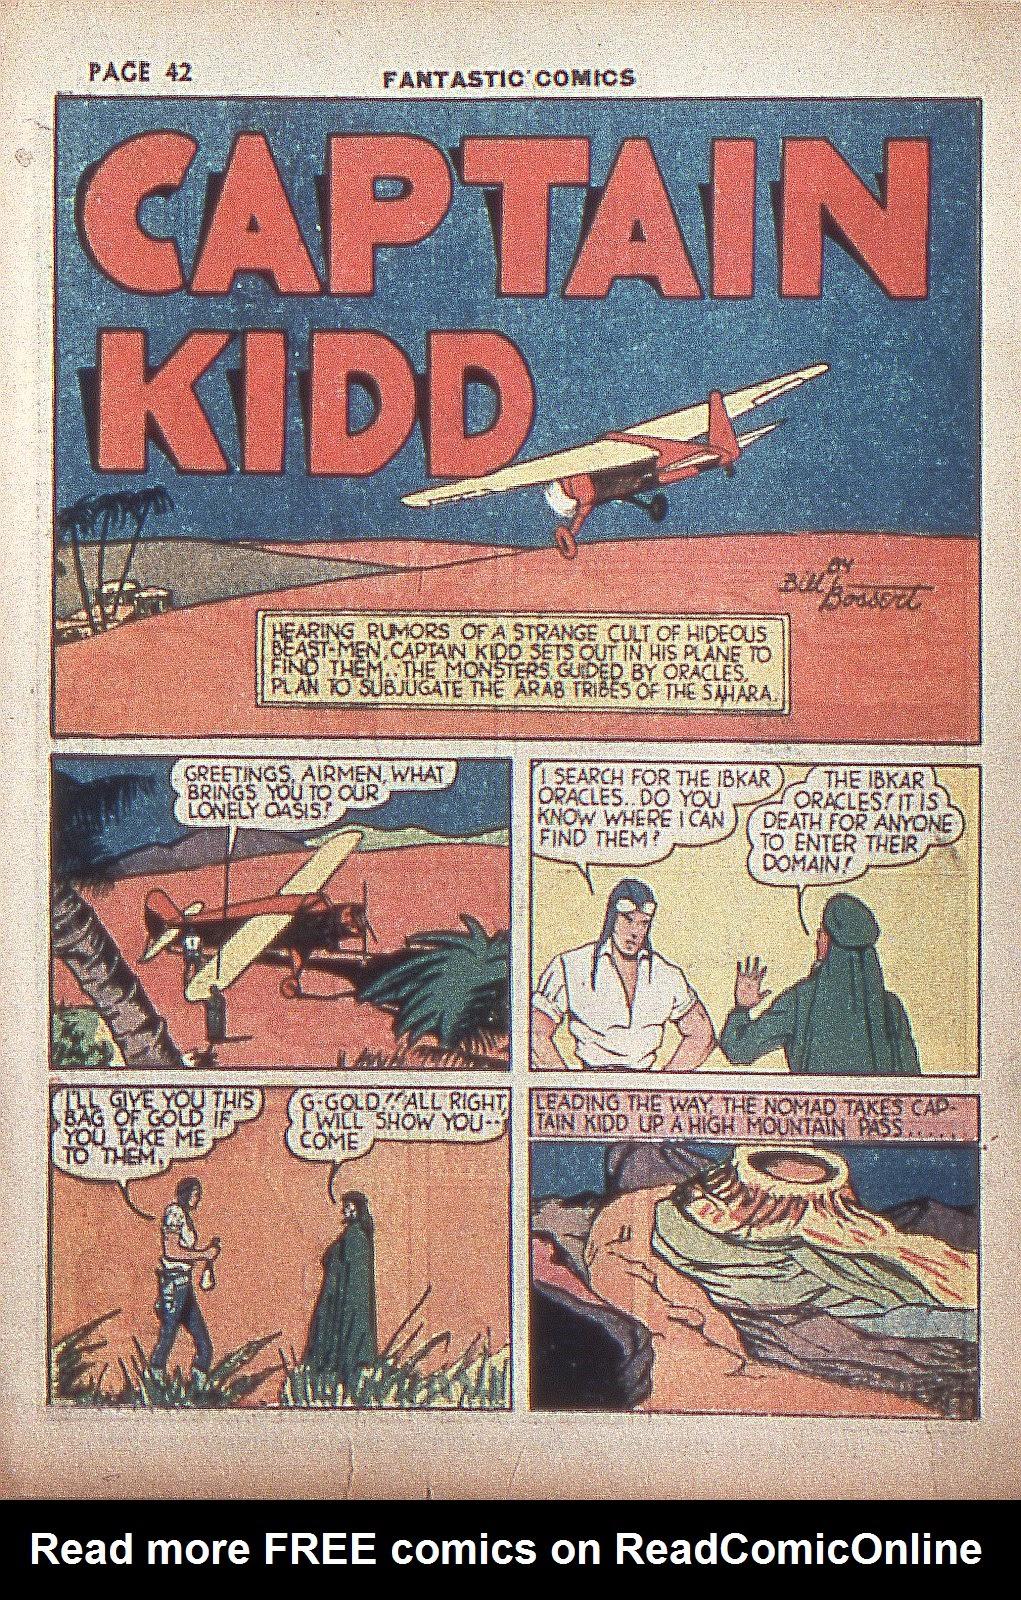 Read online Fantastic Comics comic -  Issue #4 - 43